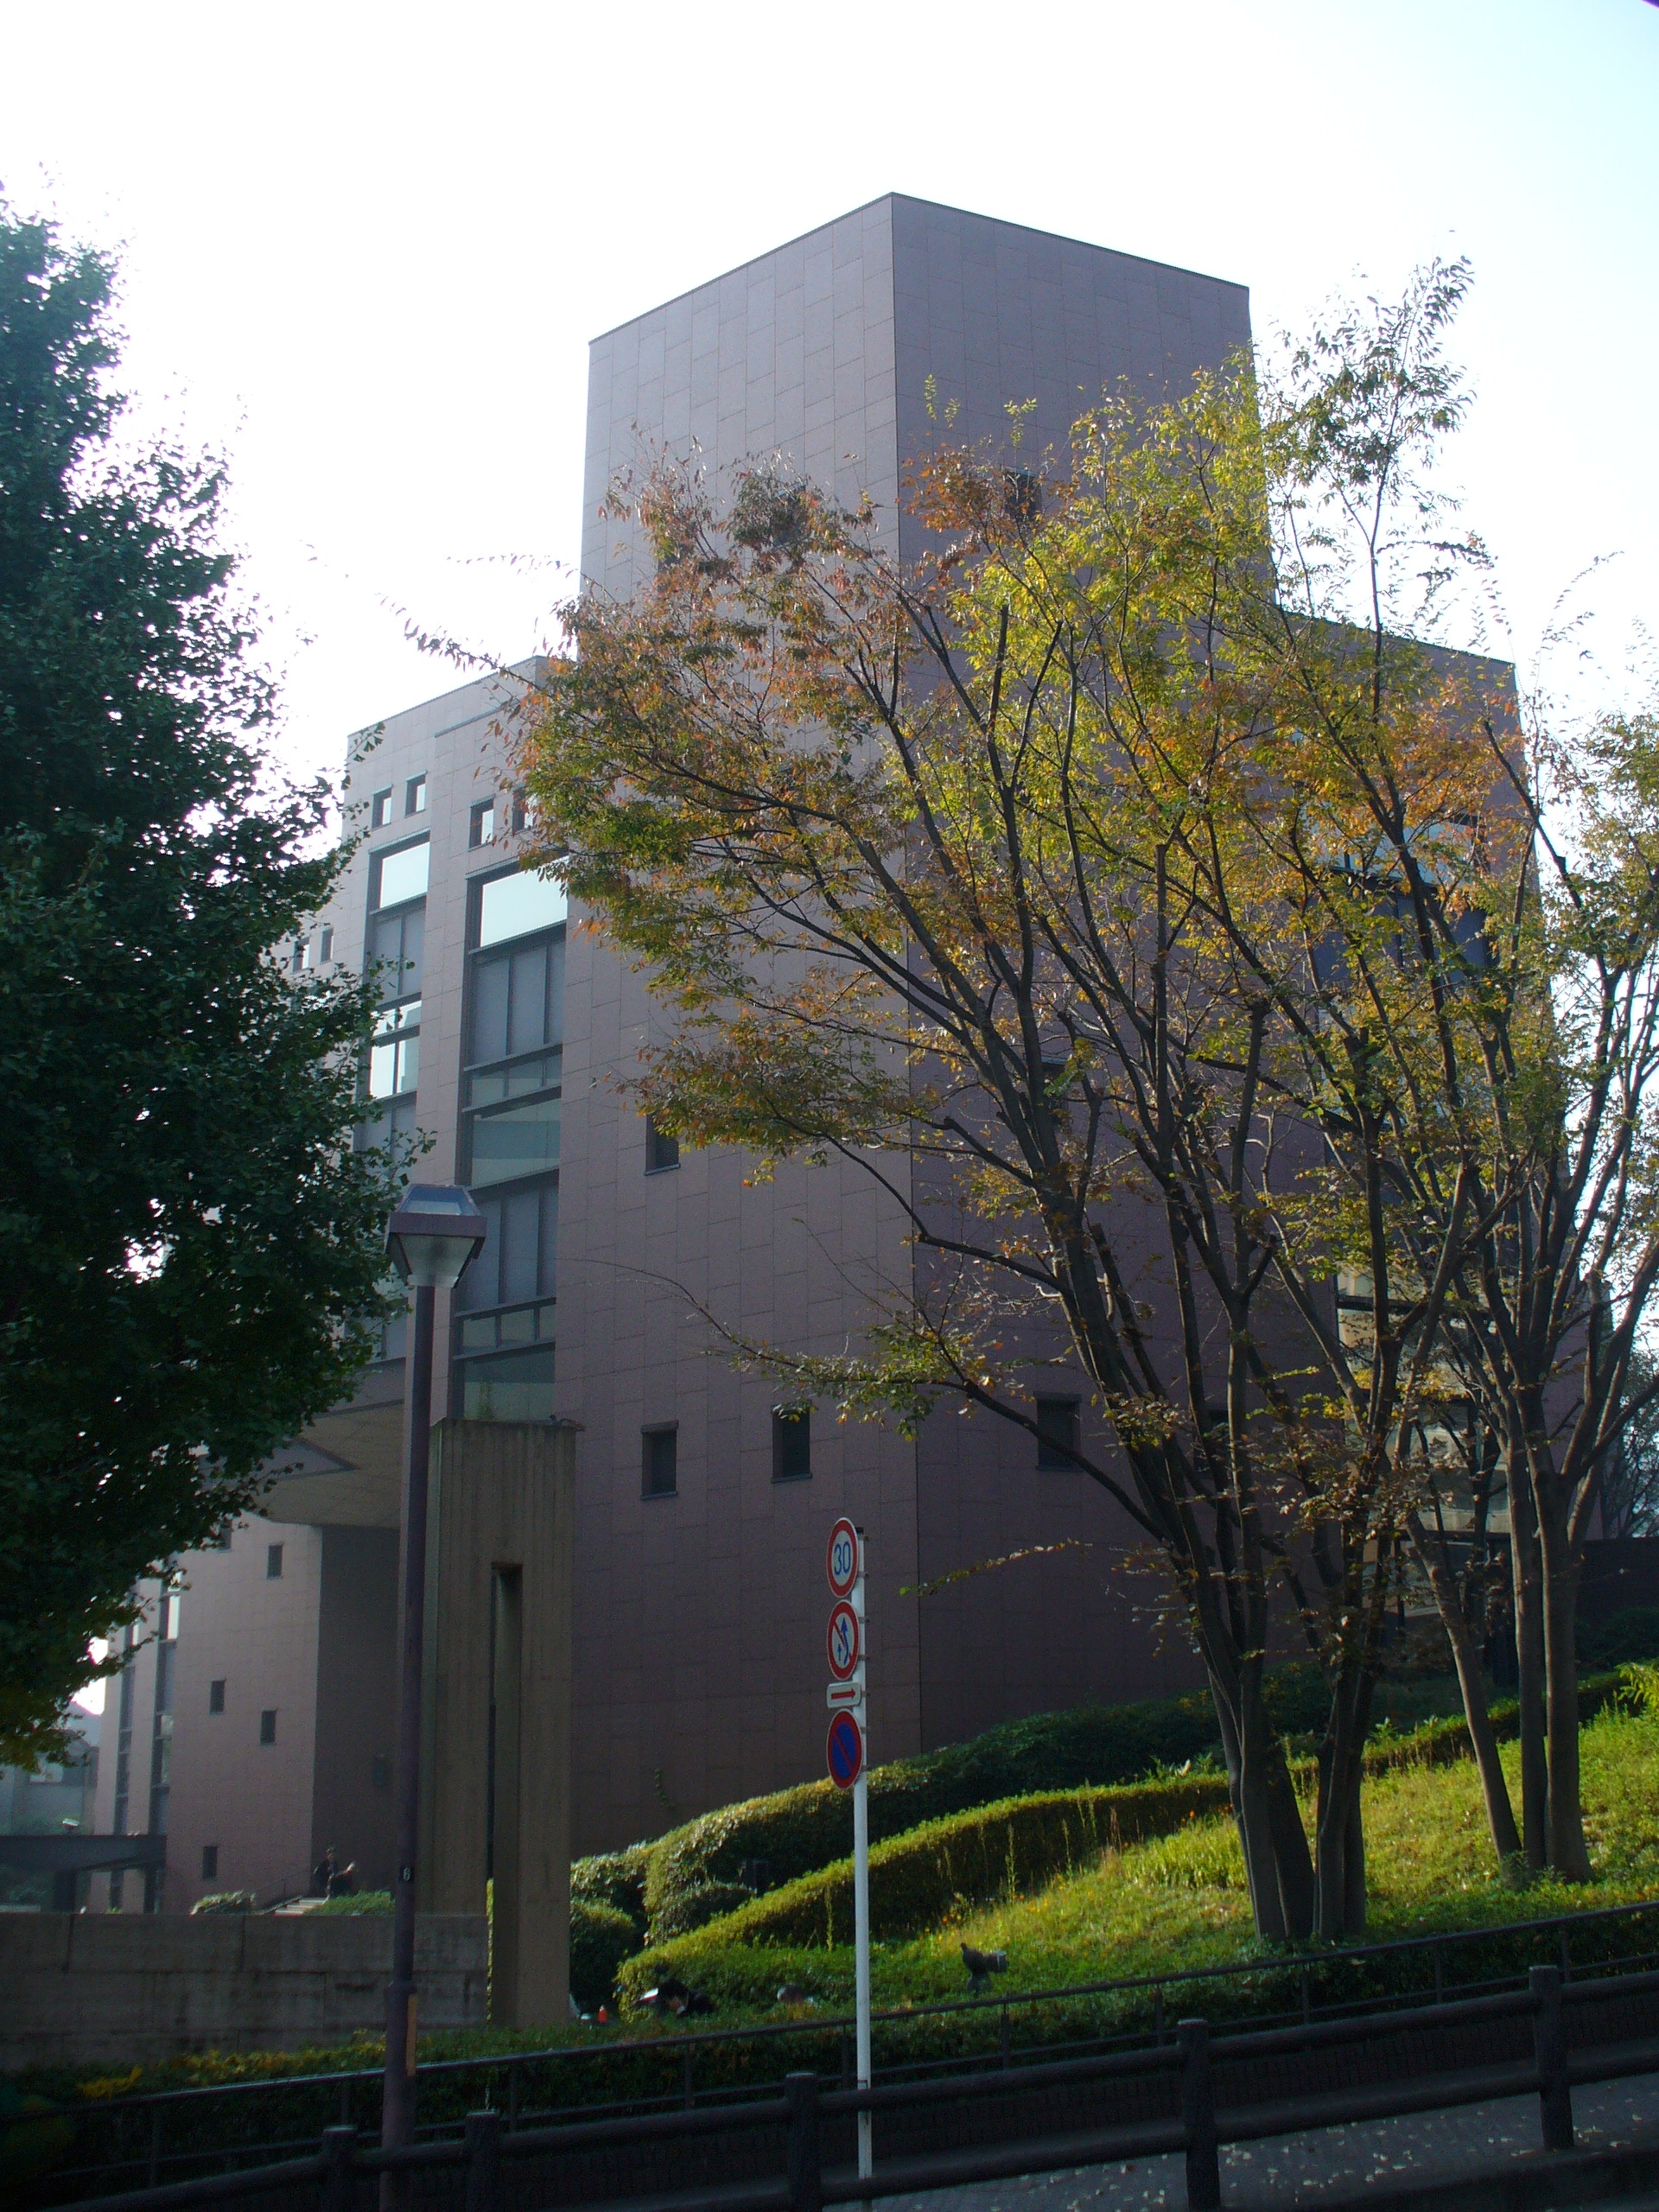 横浜 中央 図書館 横浜市立図書館 開館時間・休館日